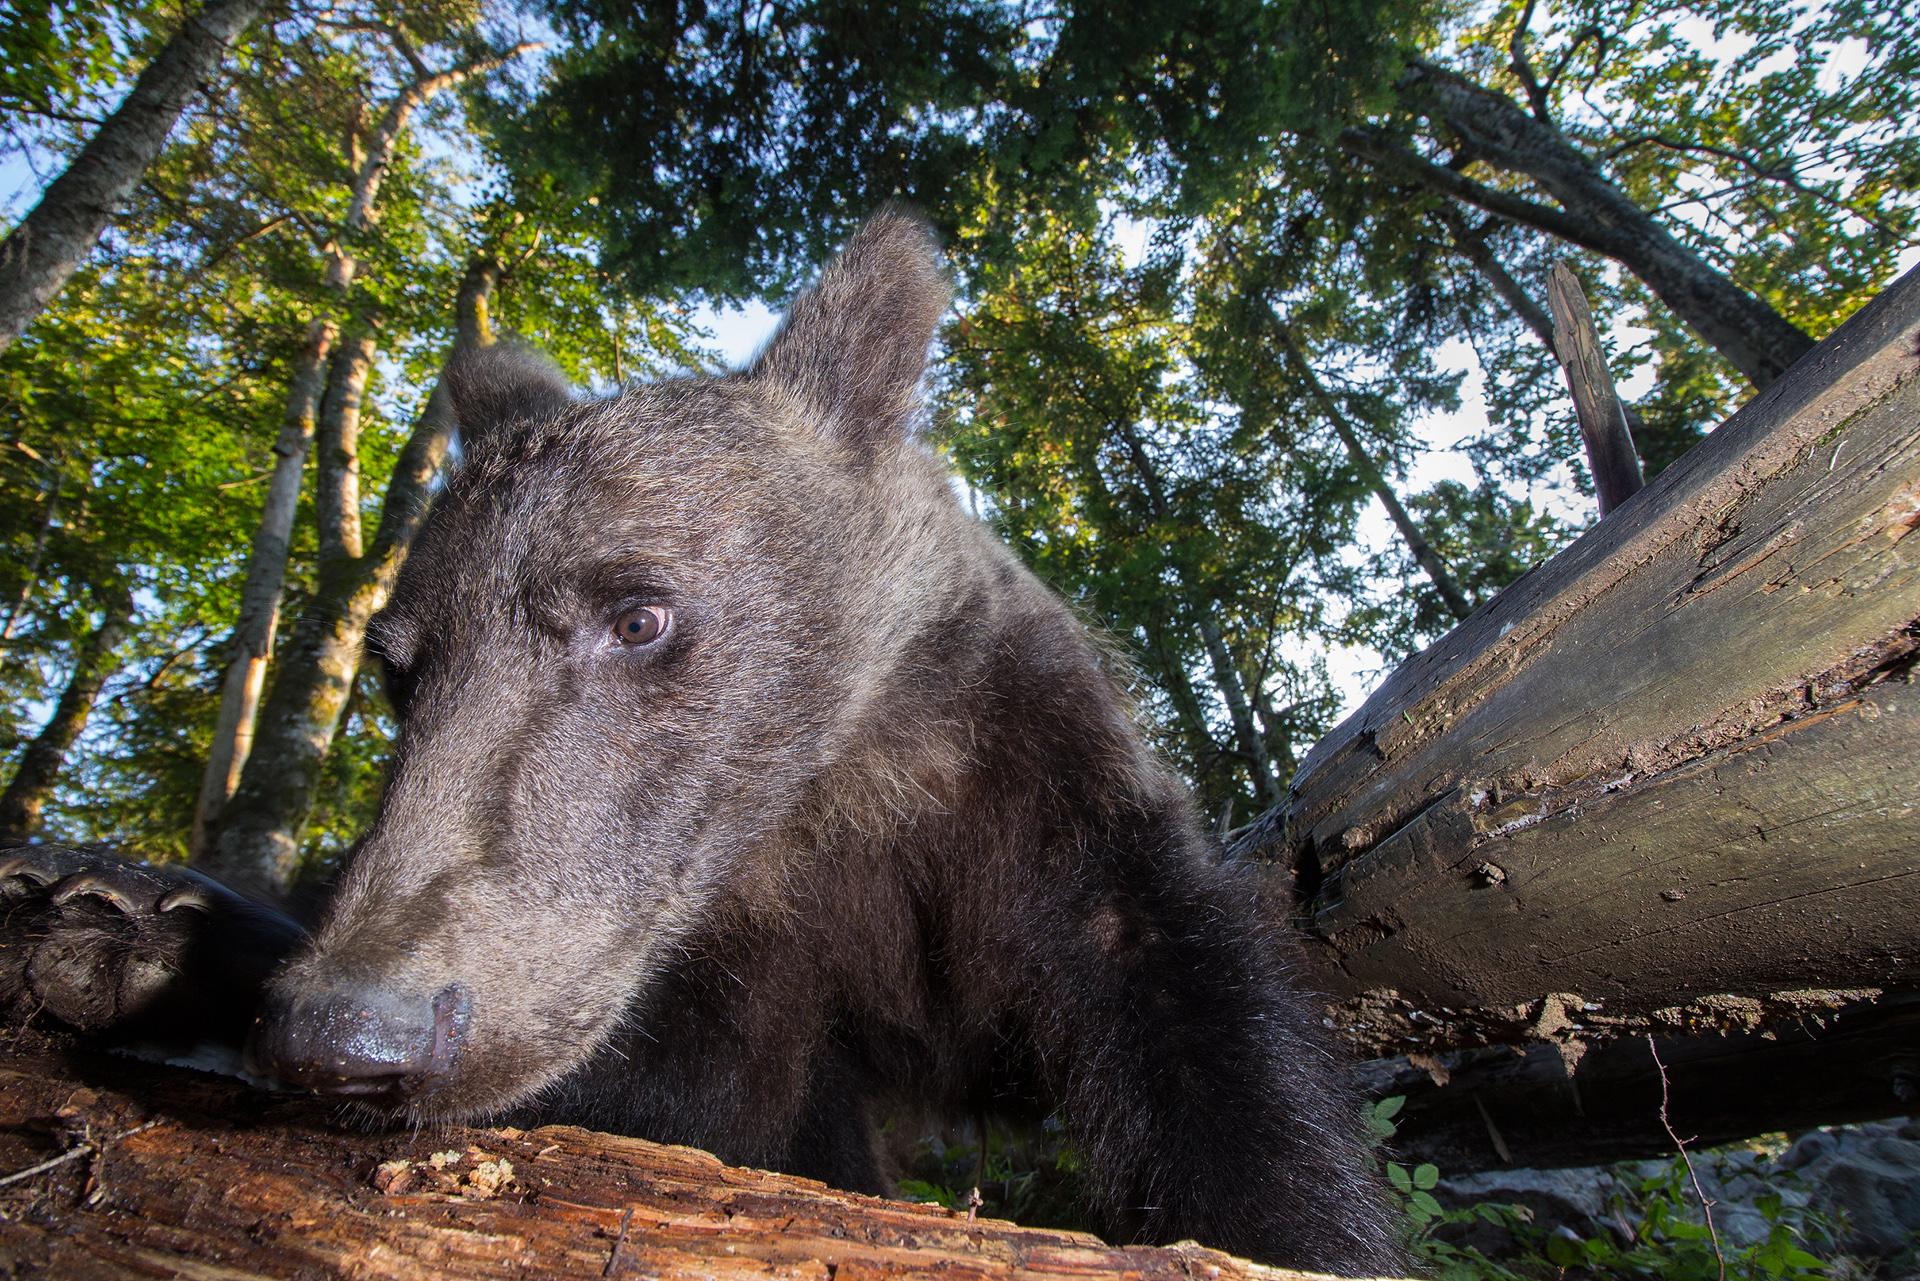 Leben am Limit - Braunbären hautnah - Photo+Adventure